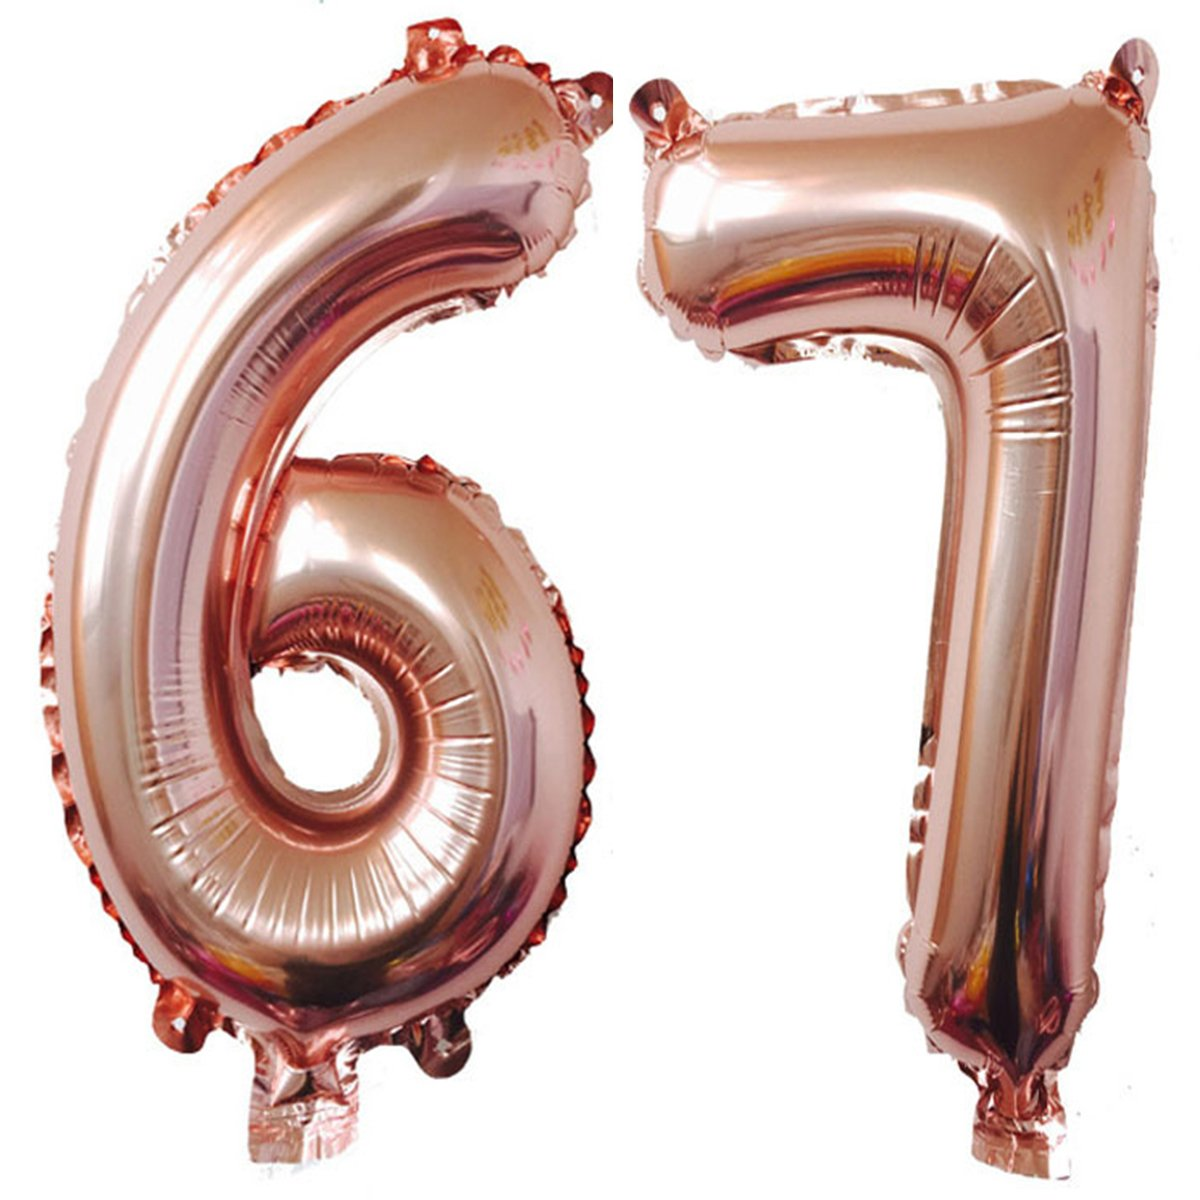 40インチローズゴールド箔ヘリウムジャンボ67デジタル数のバルーンレディースorメンズ、67、67th誕生日デコレーション誕生日パーティーSupplies   B07B8G177Q